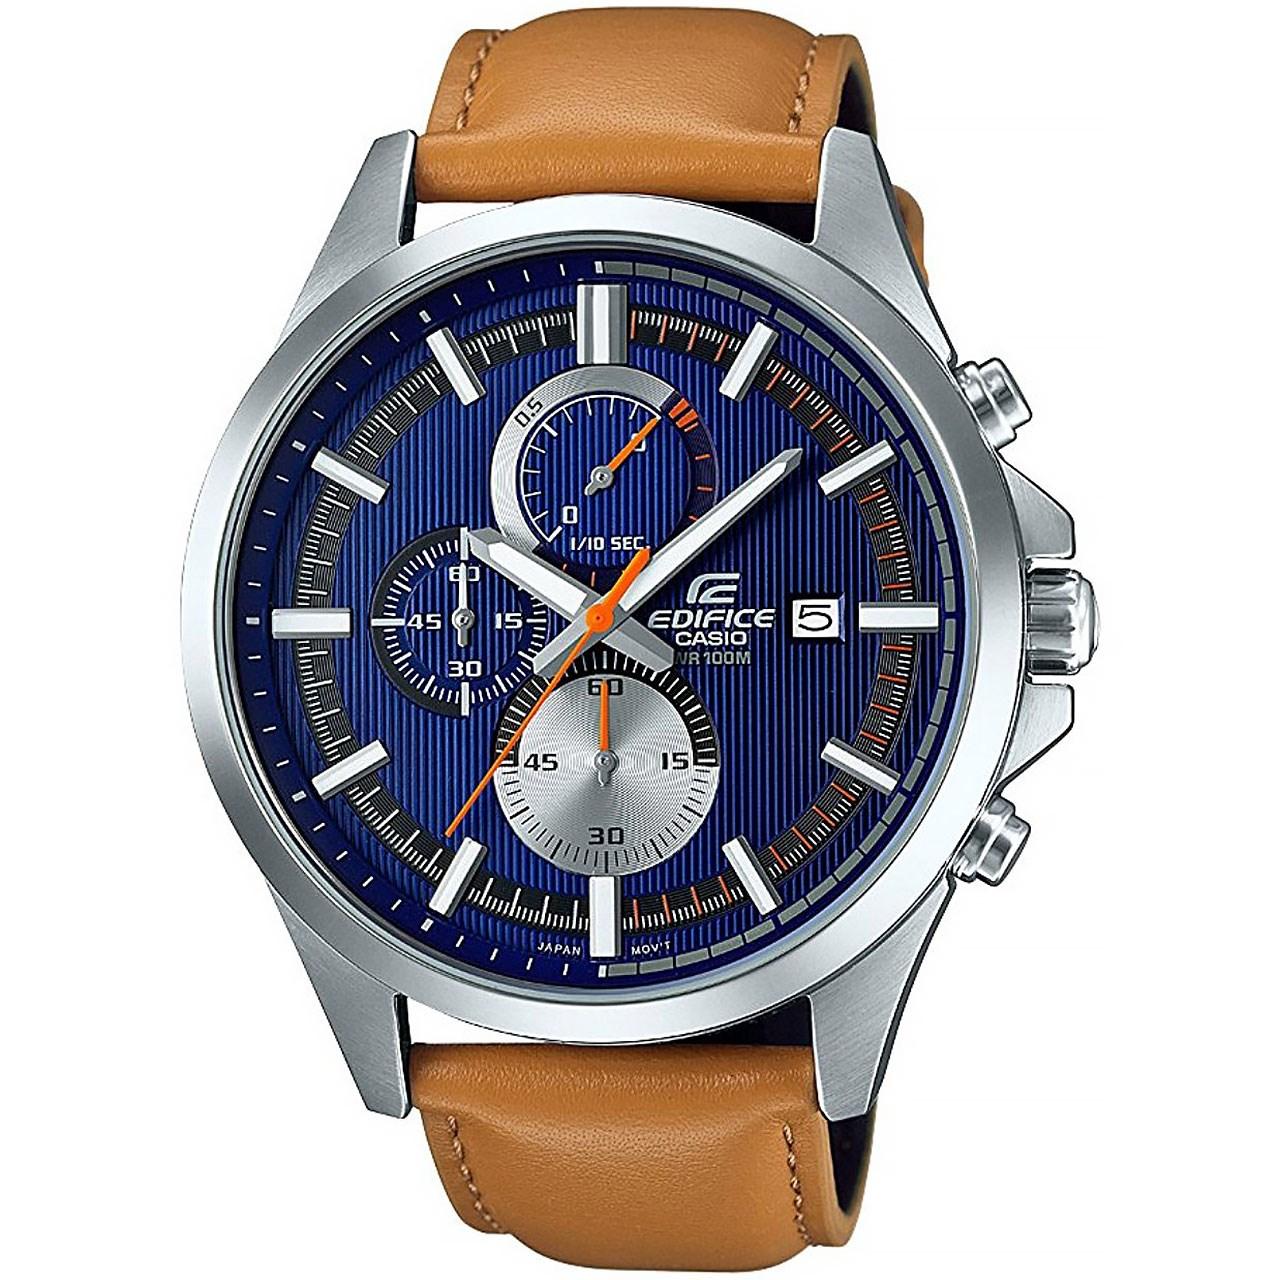 ساعت مچی عقربه ای مردانه کاسیو مدل EFV-520L-2AVUDF | Casio EFV-520L-2AVUDF Watch For Men